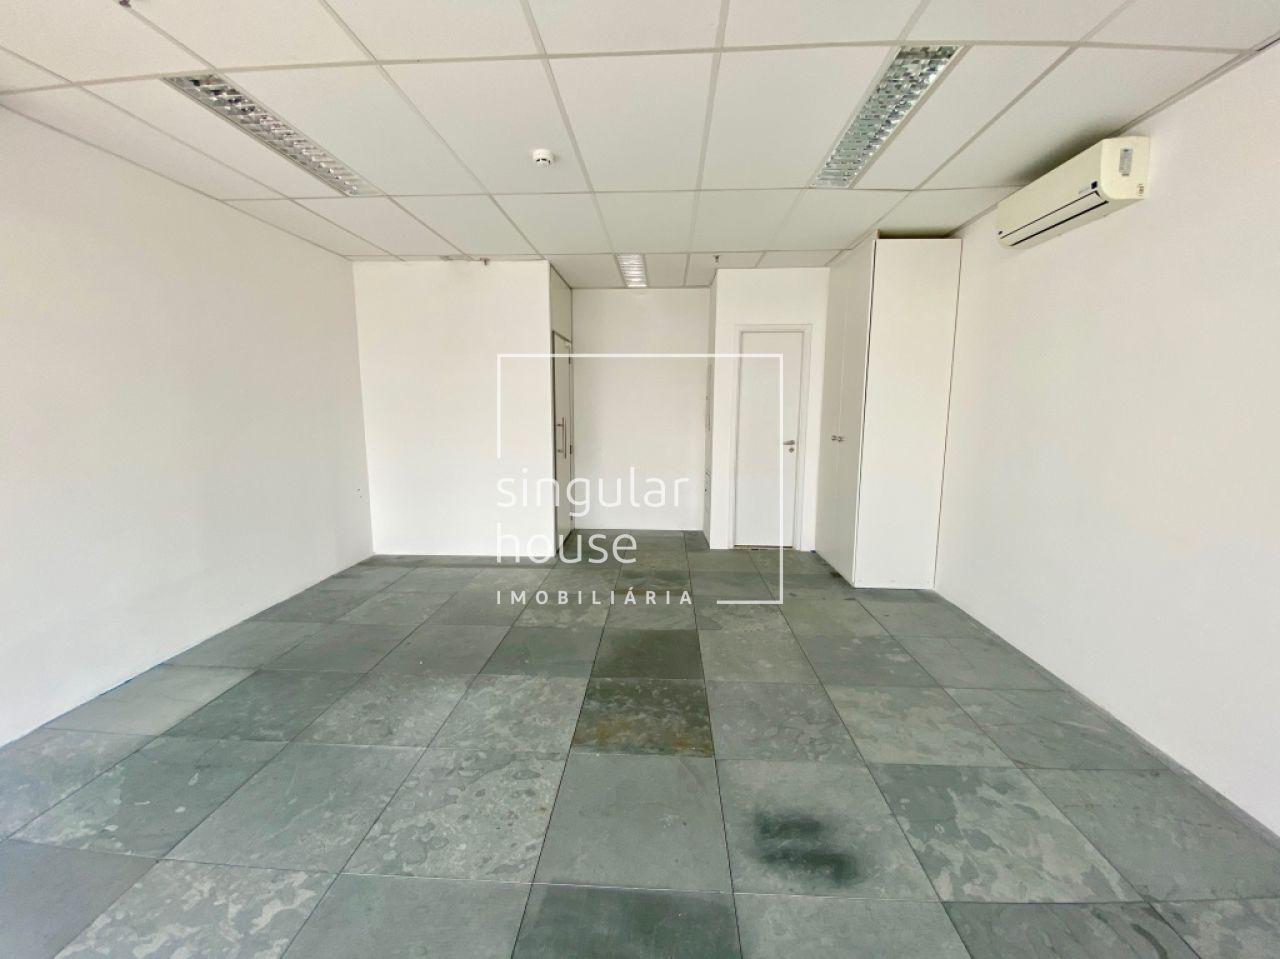 42 m²   1 vagas   Berrini